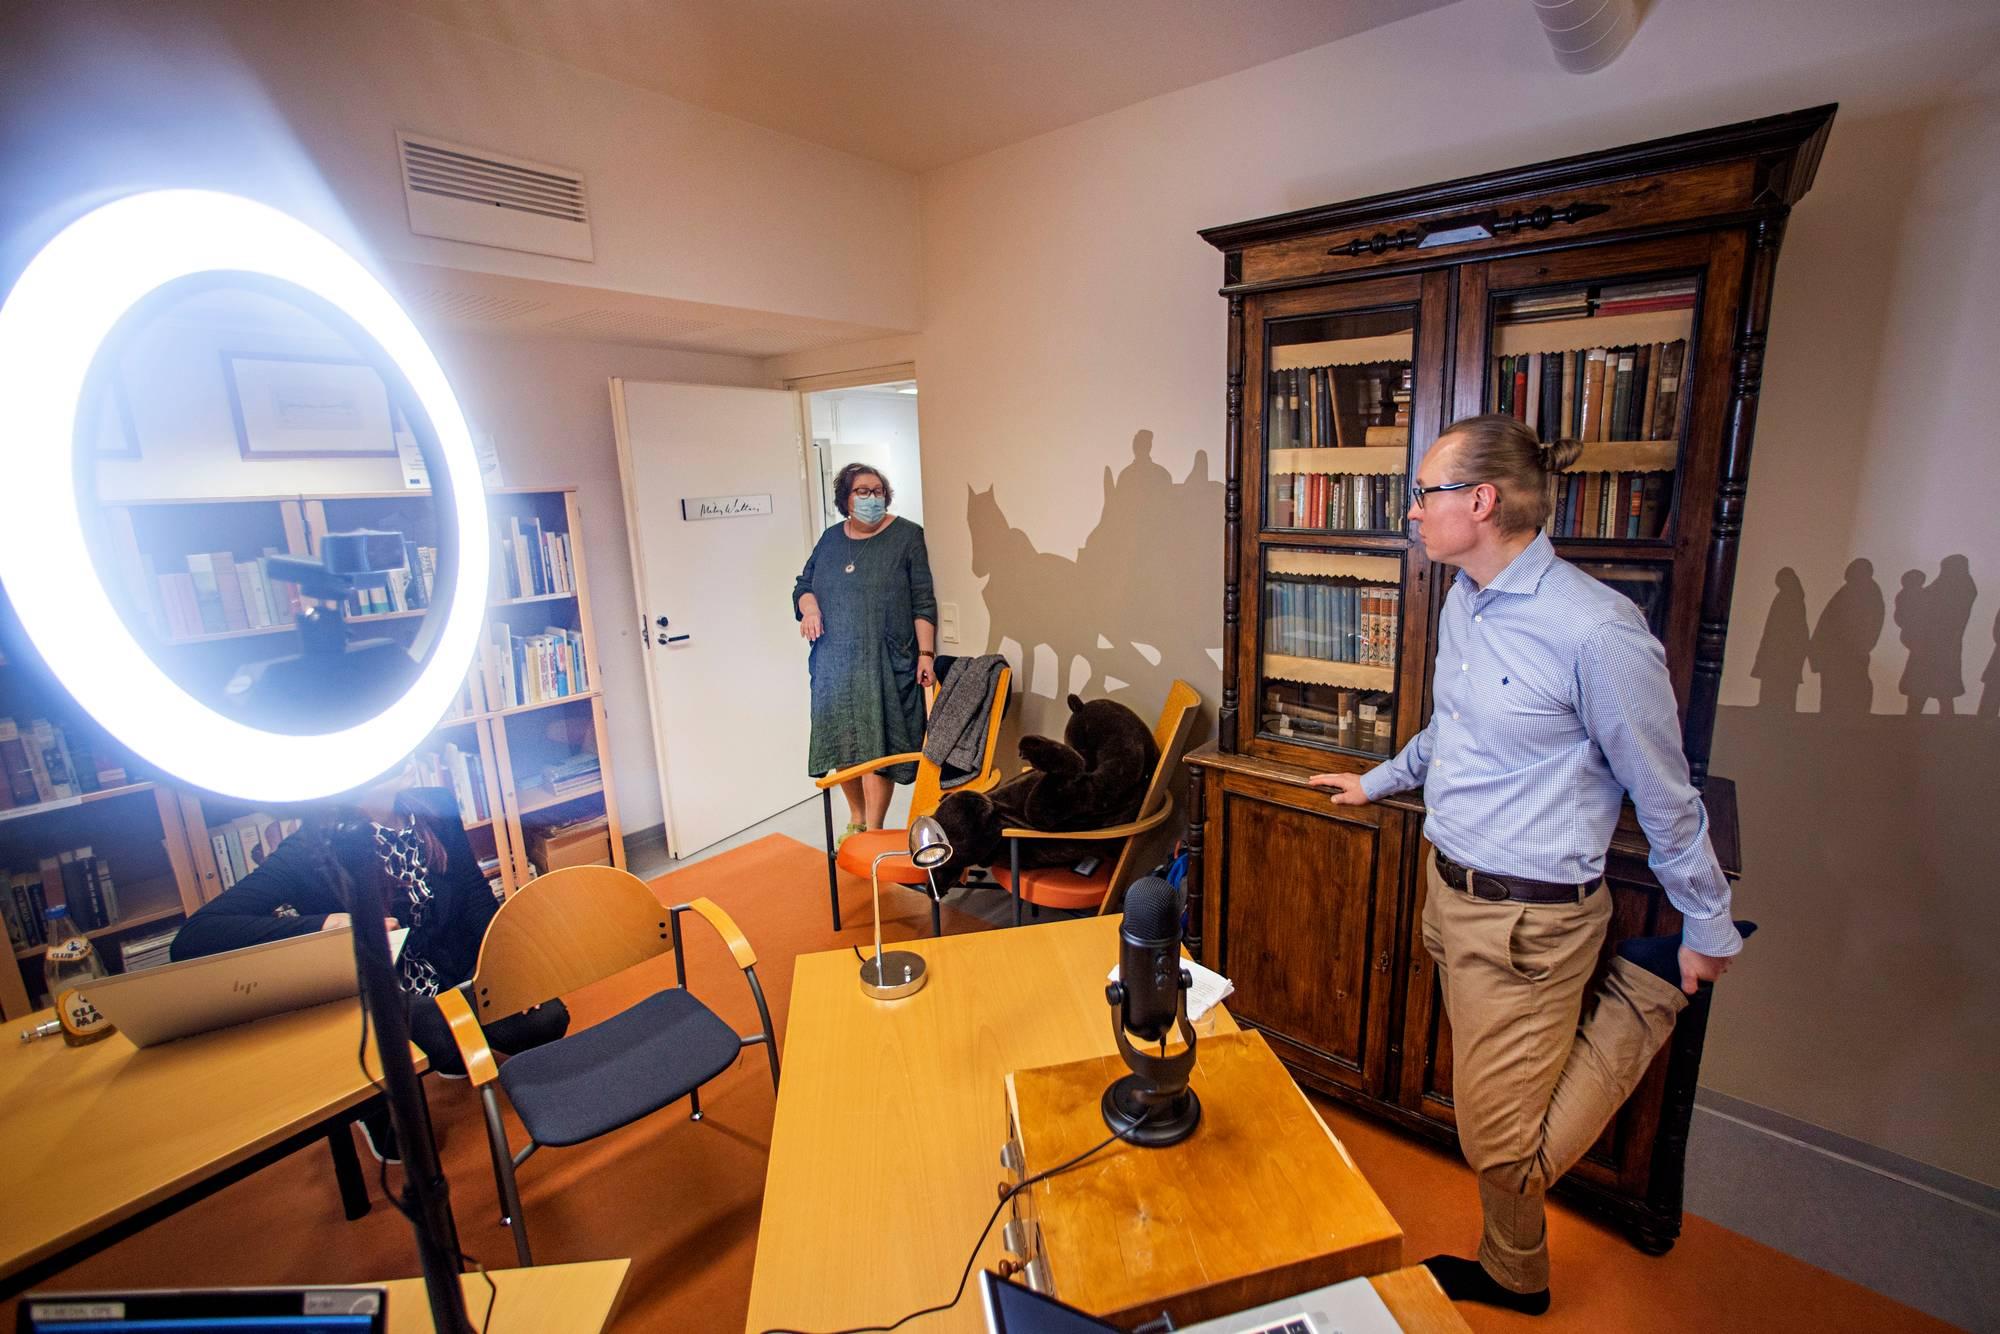 Puolentoista tunnin luento rengasvalon takana olevalle kameralle on ohi. Kirjastotoimenjohtaja Marianne Lindblad ja Harri Ahonen jaloittelevat.